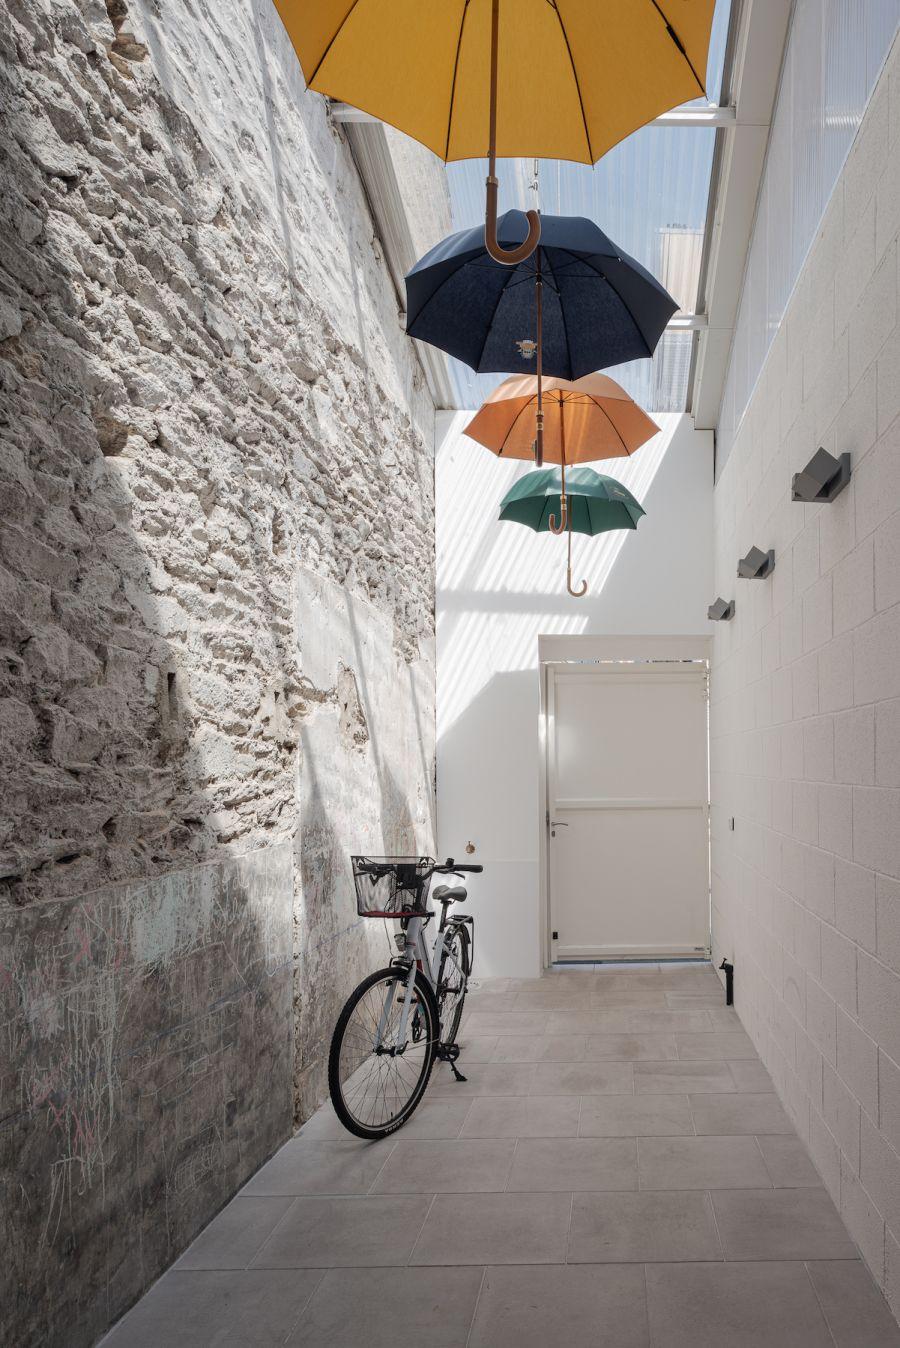 Maison «Parapluies de Cherbourg» - Arch. Trapèze Architecture © Antoine Huot et Baptiste Almodovar